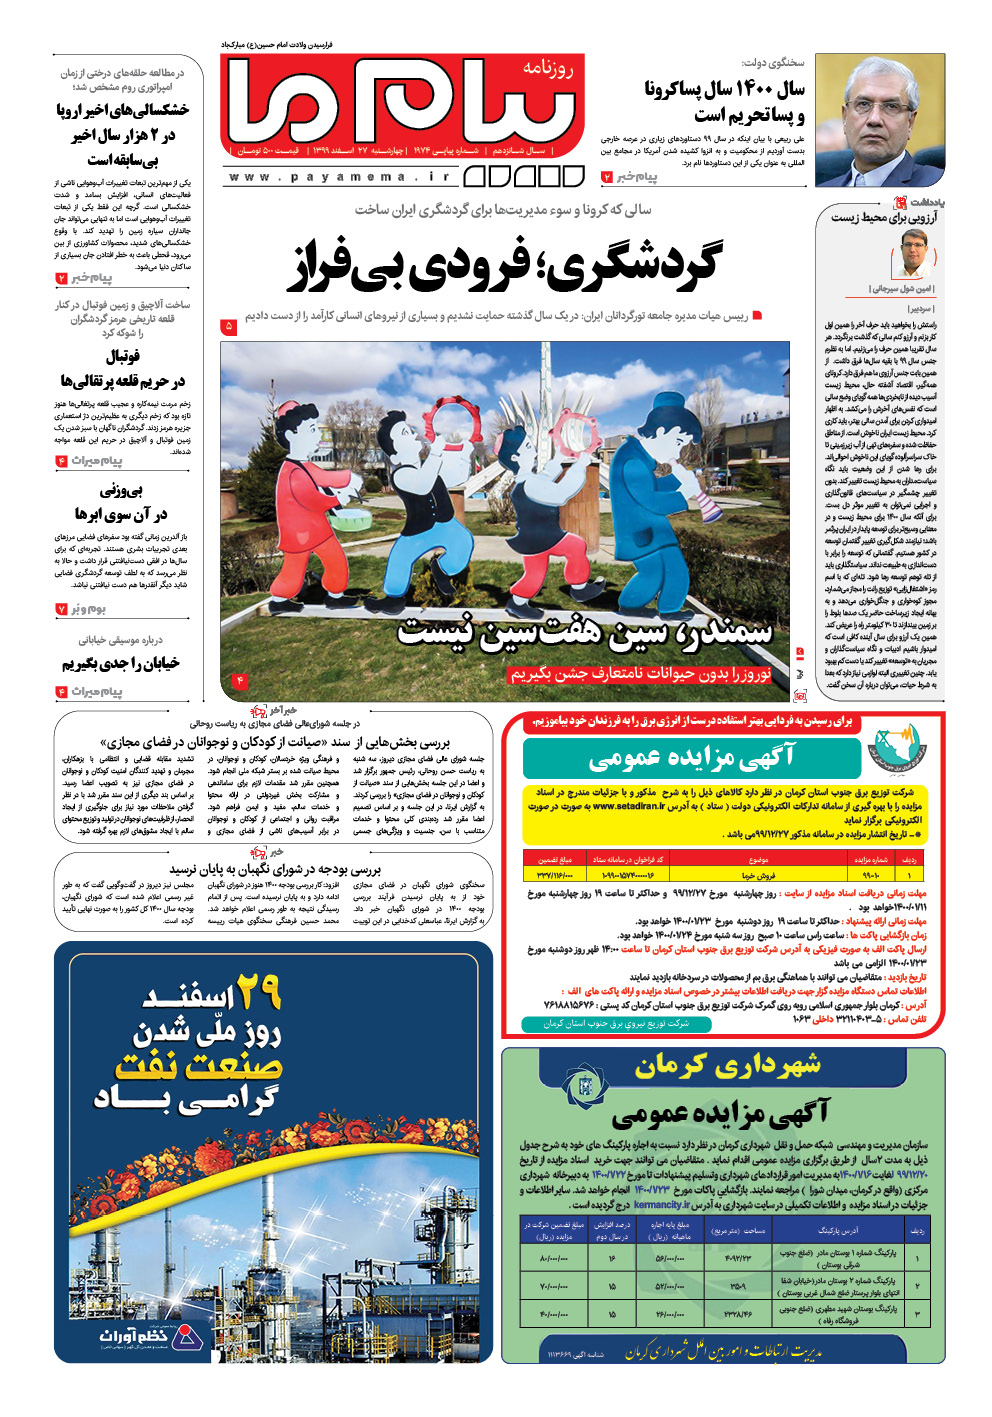 صفحه اول شماره ۱۹۷۴ روزنامه پیام ما